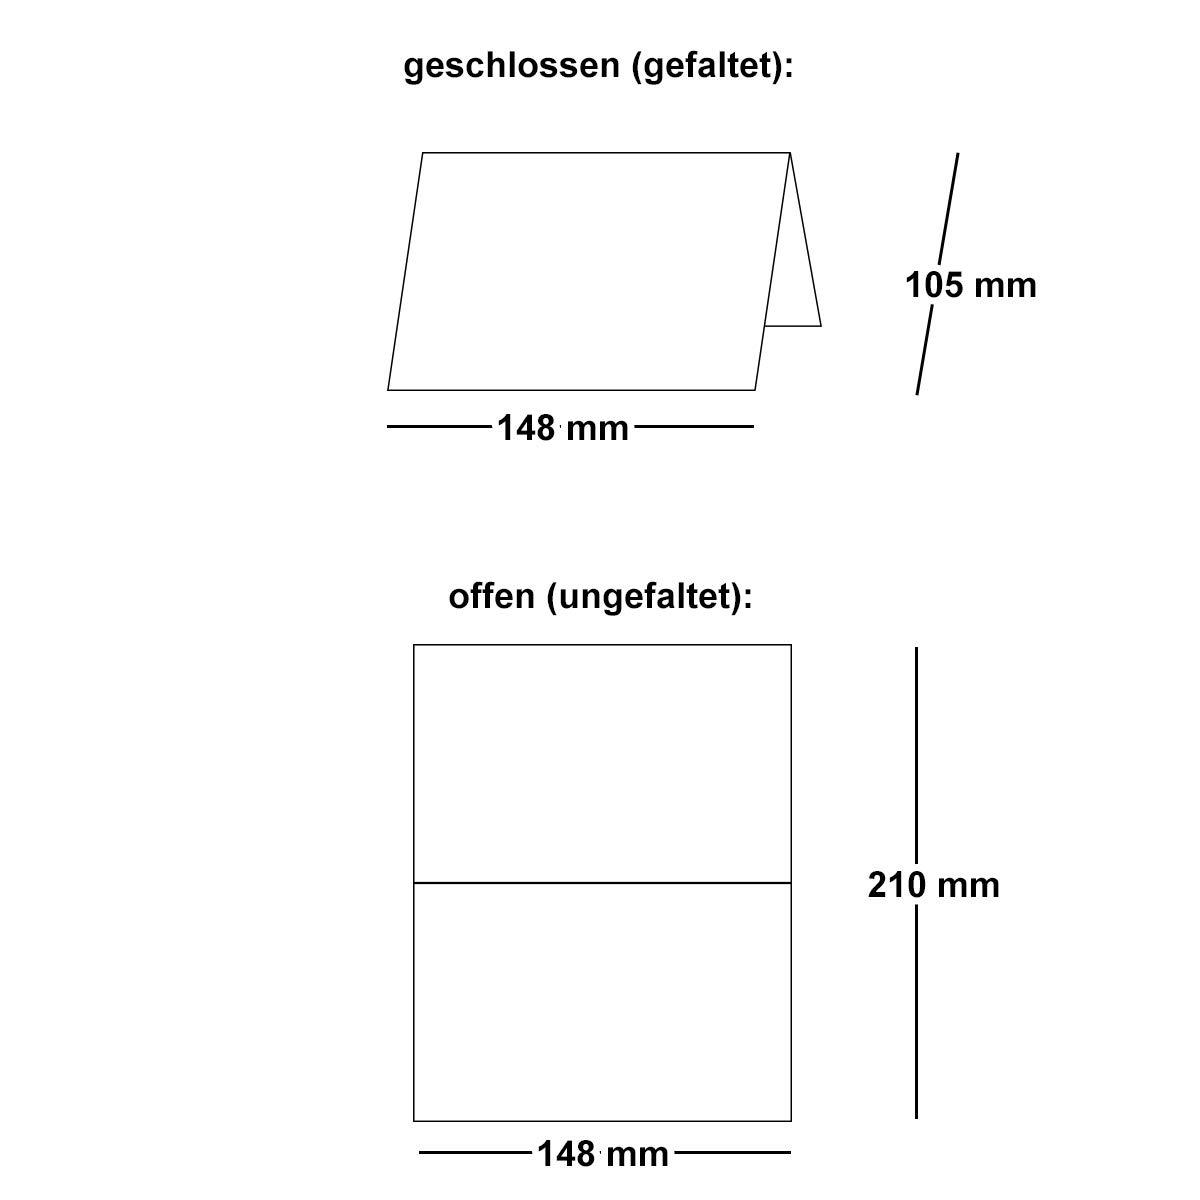 birch 297 x 210mm 25 St/ück Artoz Green-Line Doppelkarten - DIN A5 hoch